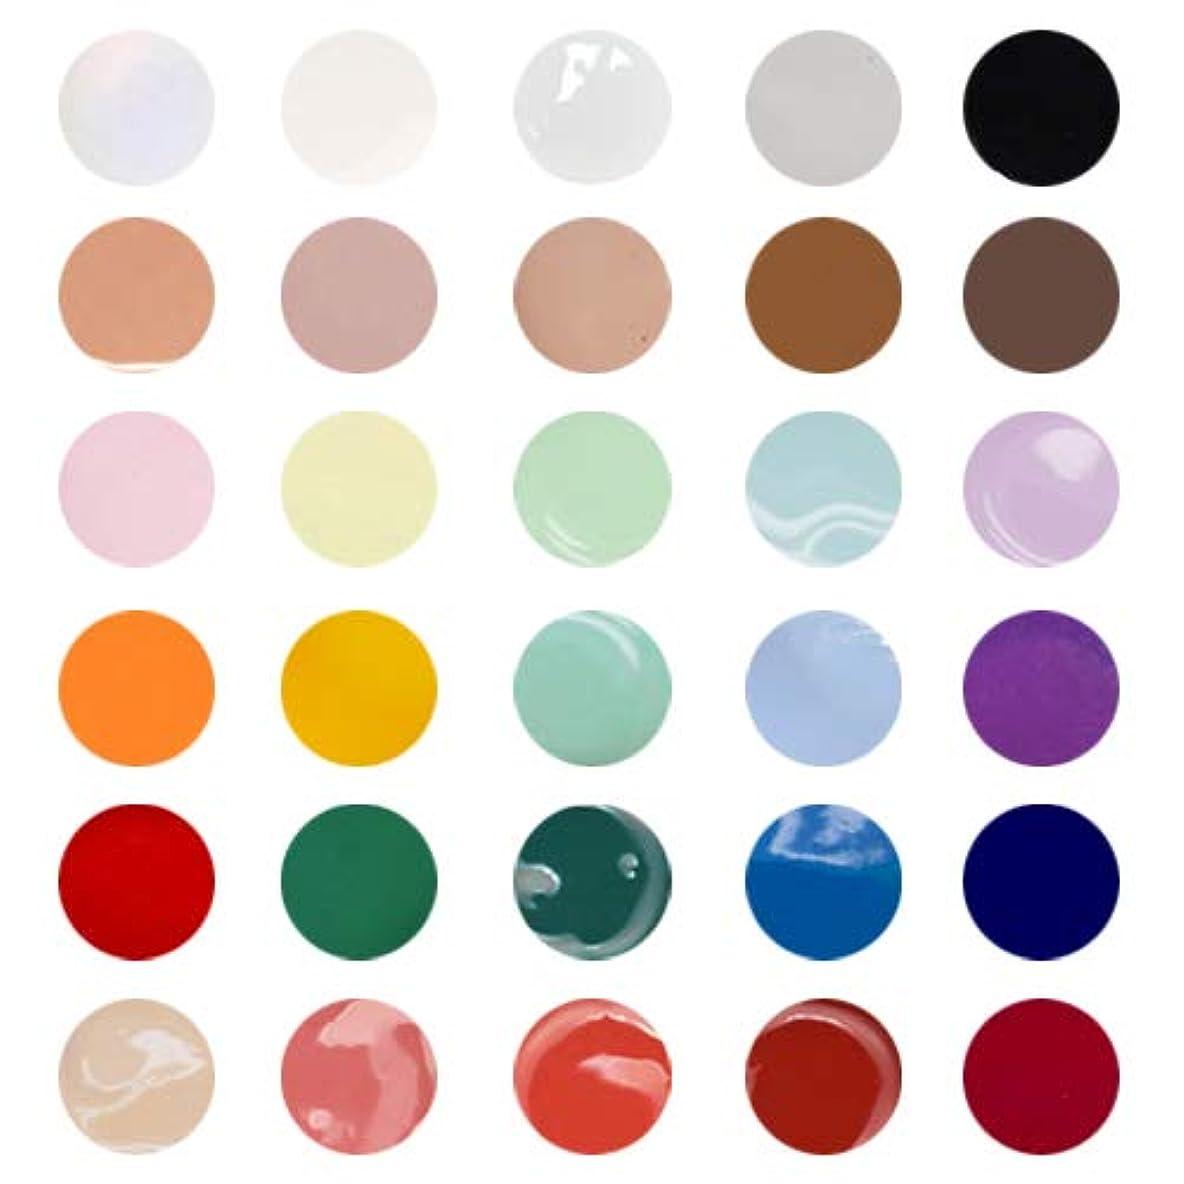 秘密の防止奇跡的なirogel イロジェル カラージェル 30色セット 化粧品 ジェルネイル